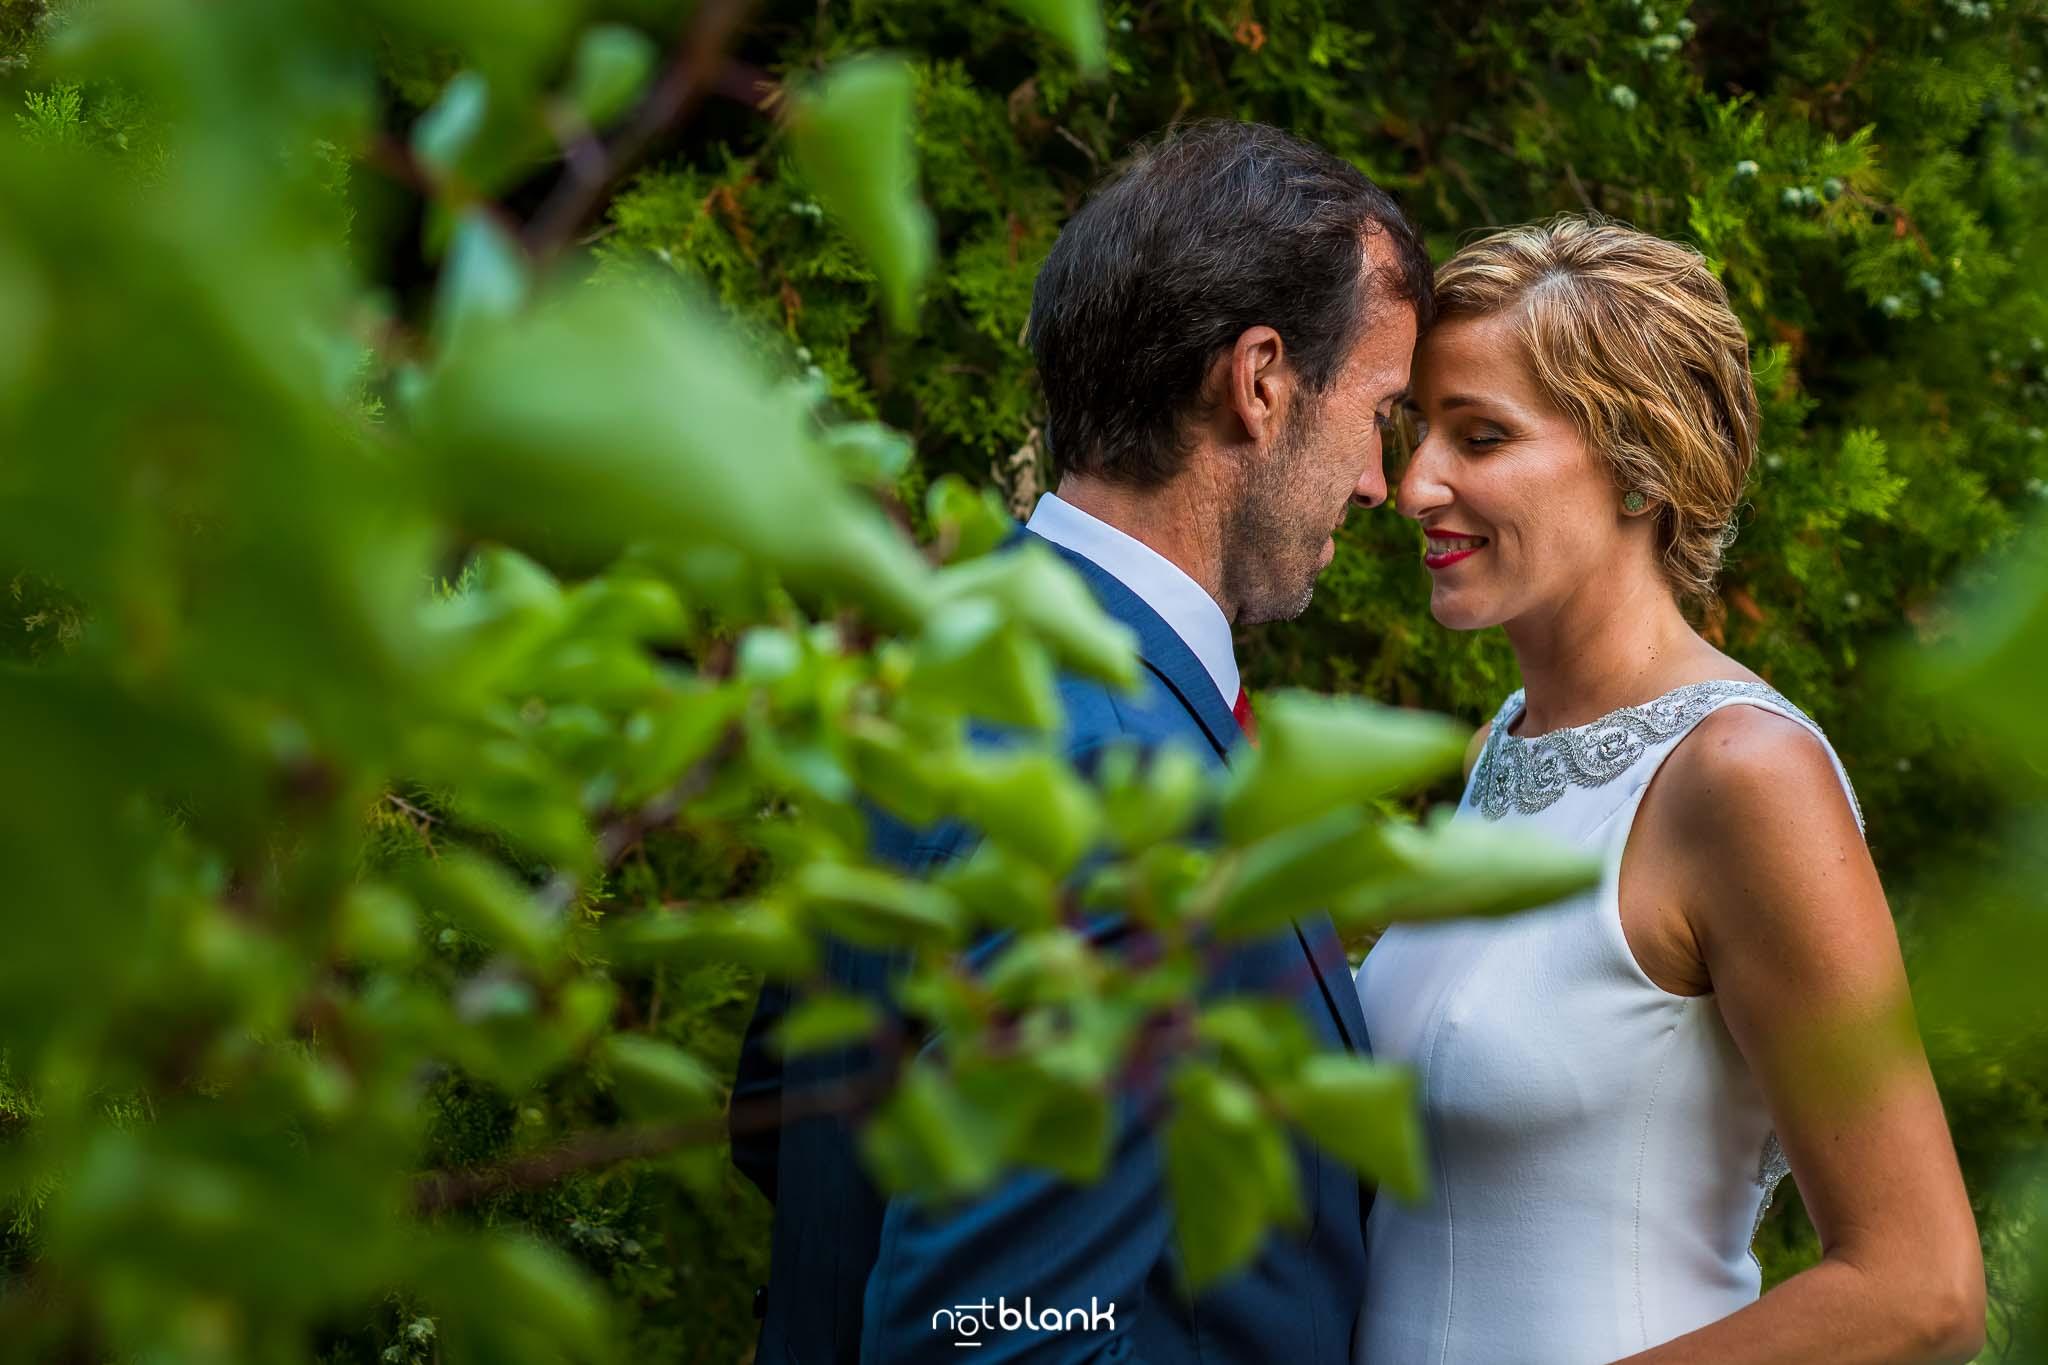 Boda En El Jardin De Casa Jana y Fran - Los novios de abrazan detras de unos arboles - Notblank Fotografos de boda